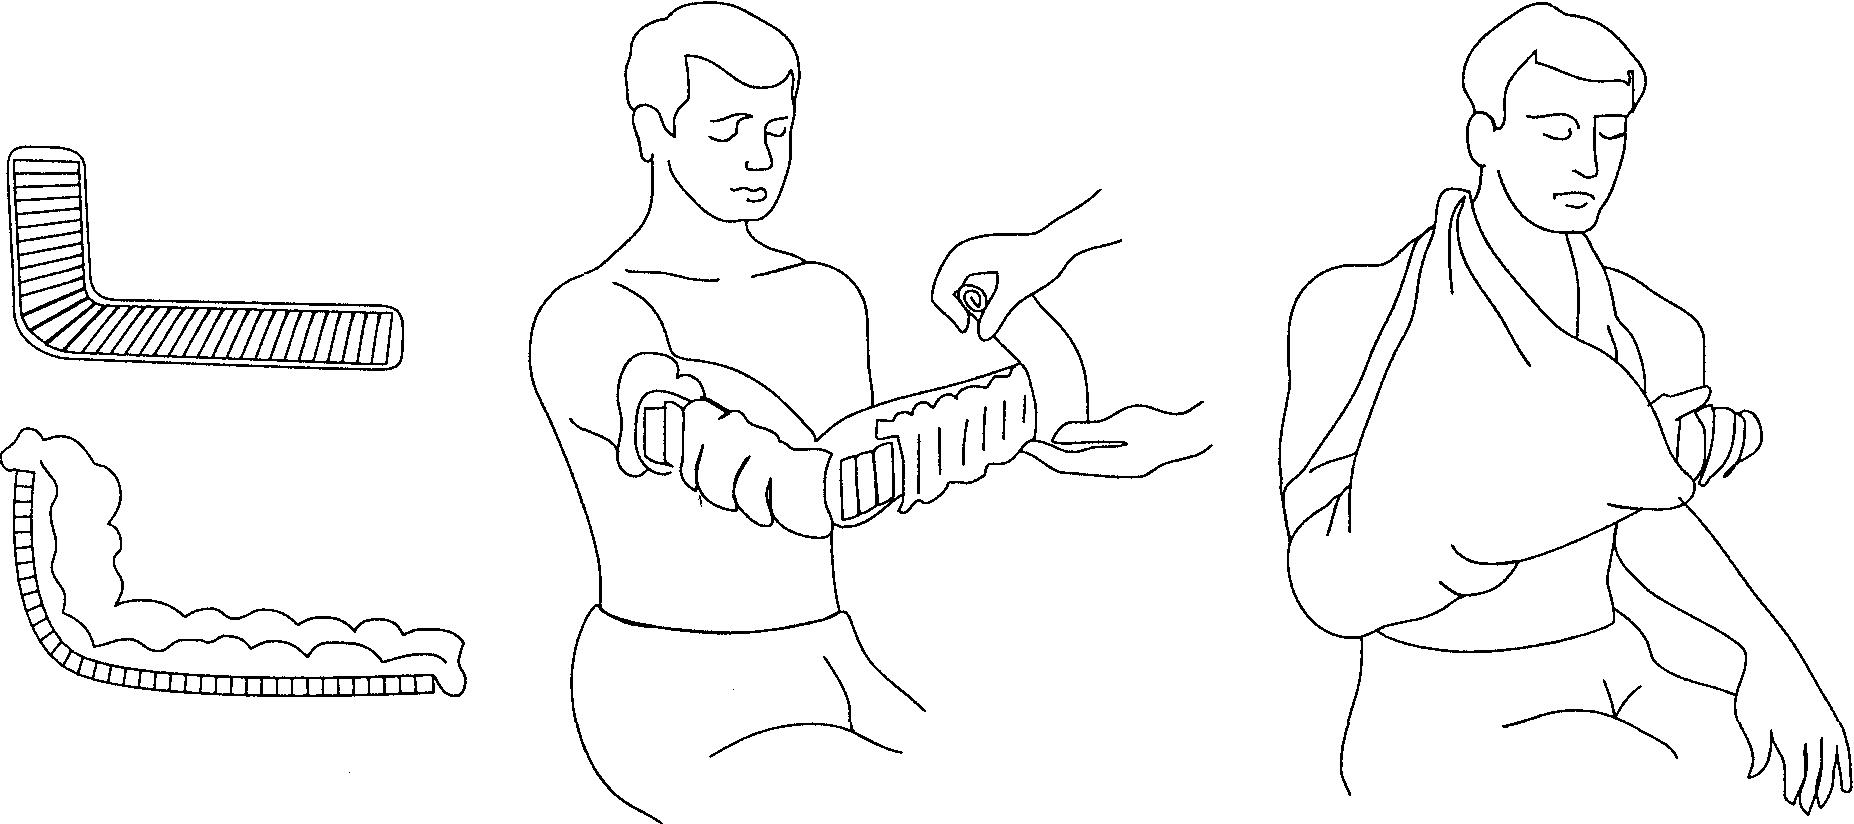 Перелом предплечья со смещением первая помощь при открытых переломах